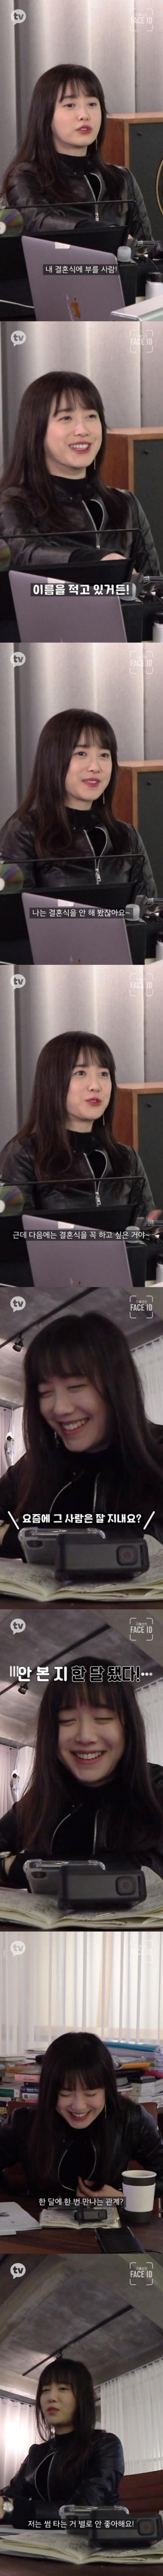 구혜선은 연애 중?